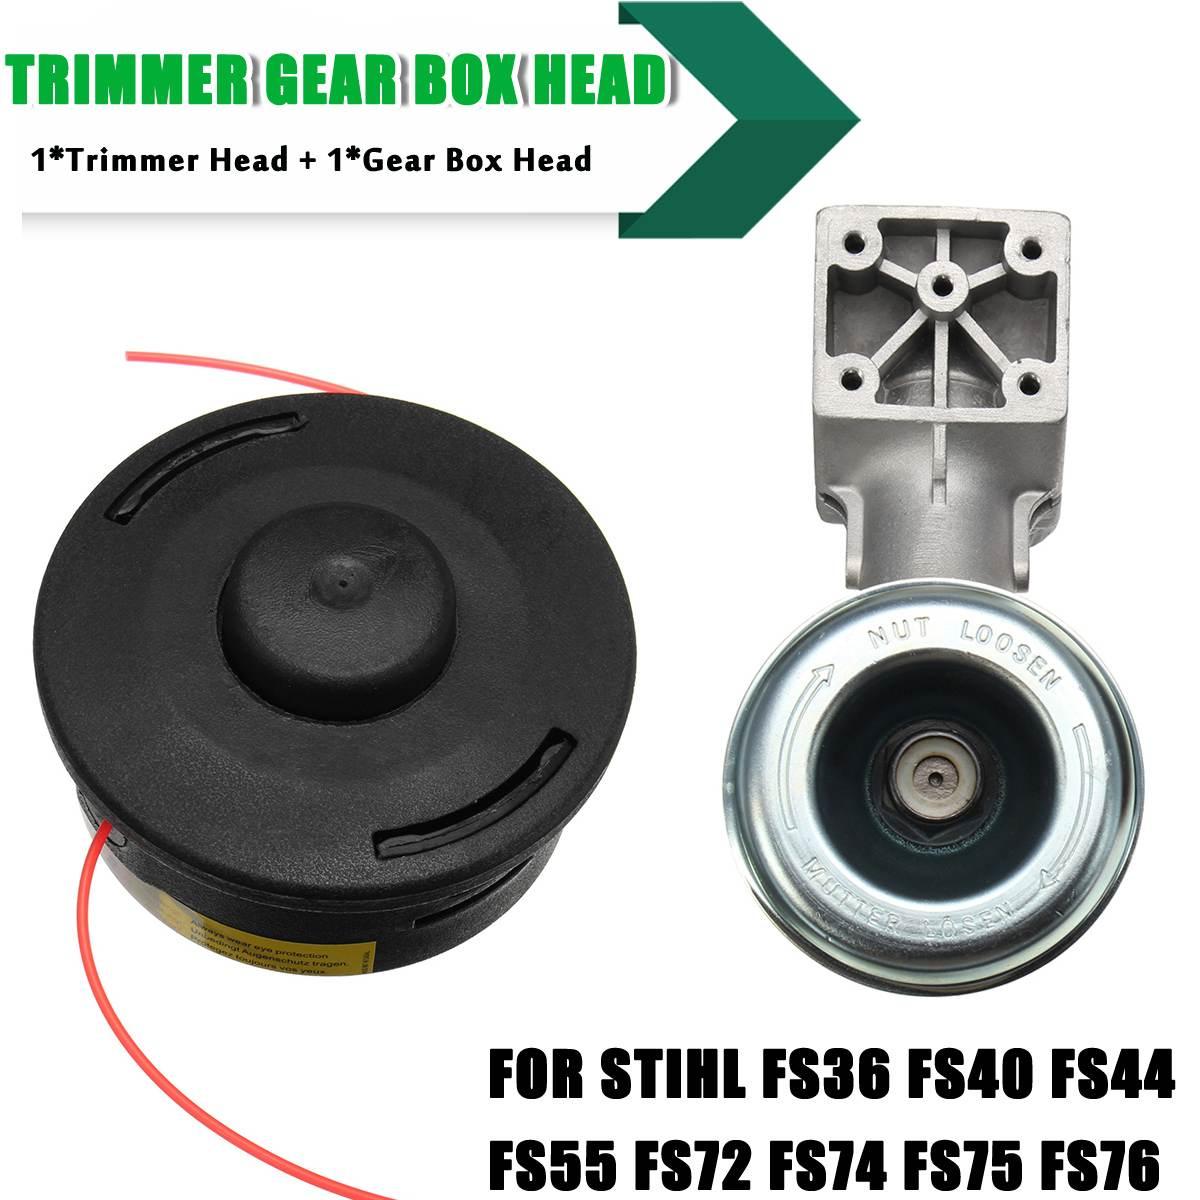 Weedeater Trimmer Gear Box Head Universal Mower Accessories for Stihl FR130 FR220 FR350 FR450 FR480 FS44 FS75 FS80 FS85 FS-KMWeedeater Trimmer Gear Box Head Universal Mower Accessories for Stihl FR130 FR220 FR350 FR450 FR480 FS44 FS75 FS80 FS85 FS-KM